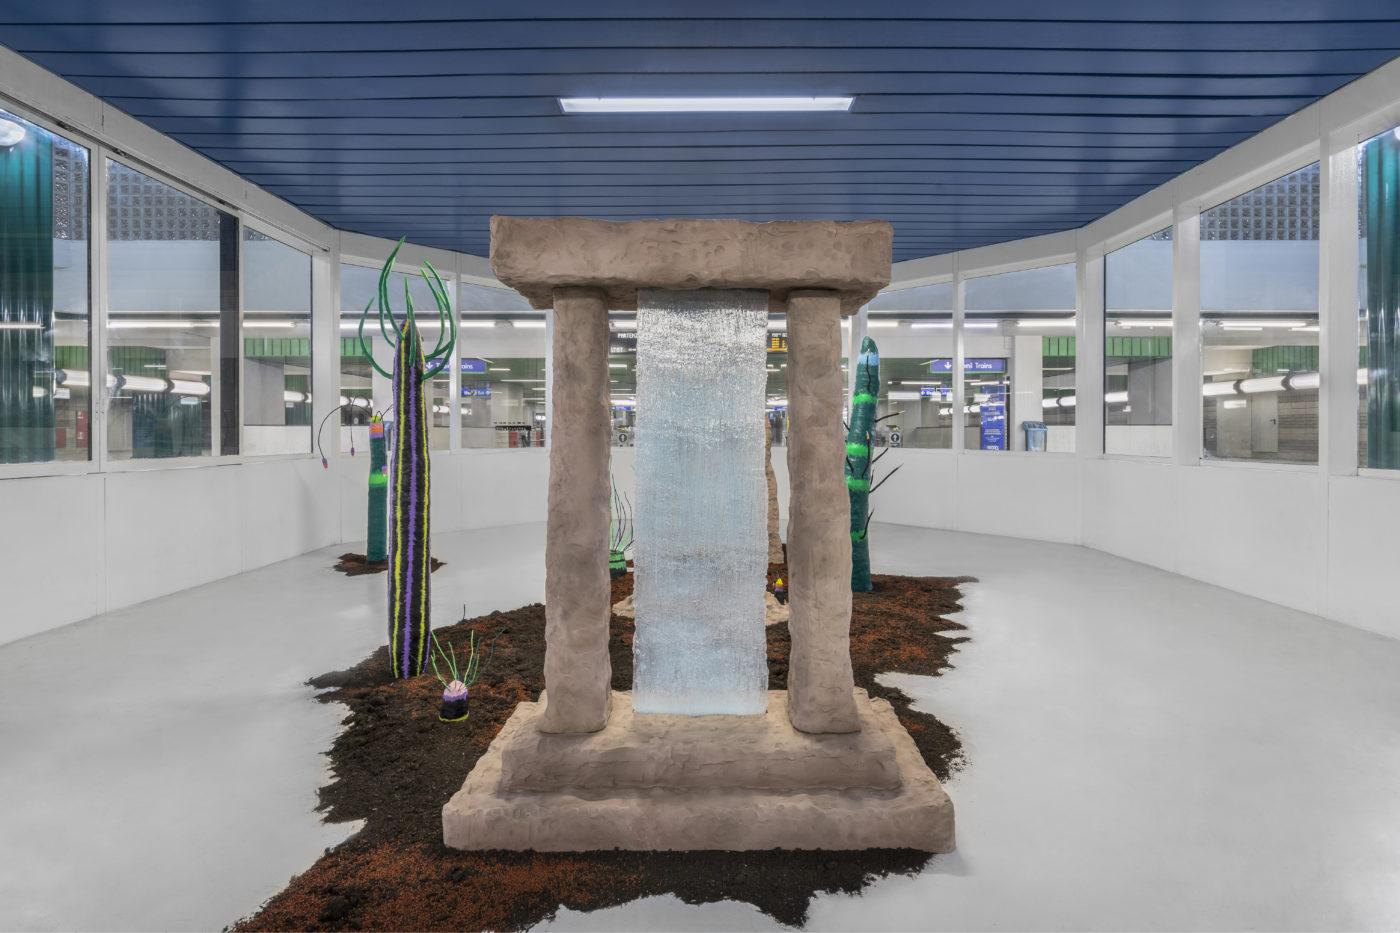 Giovanni Chiamenti - La cerimonia dei misteri, Spazio Serra, Milano